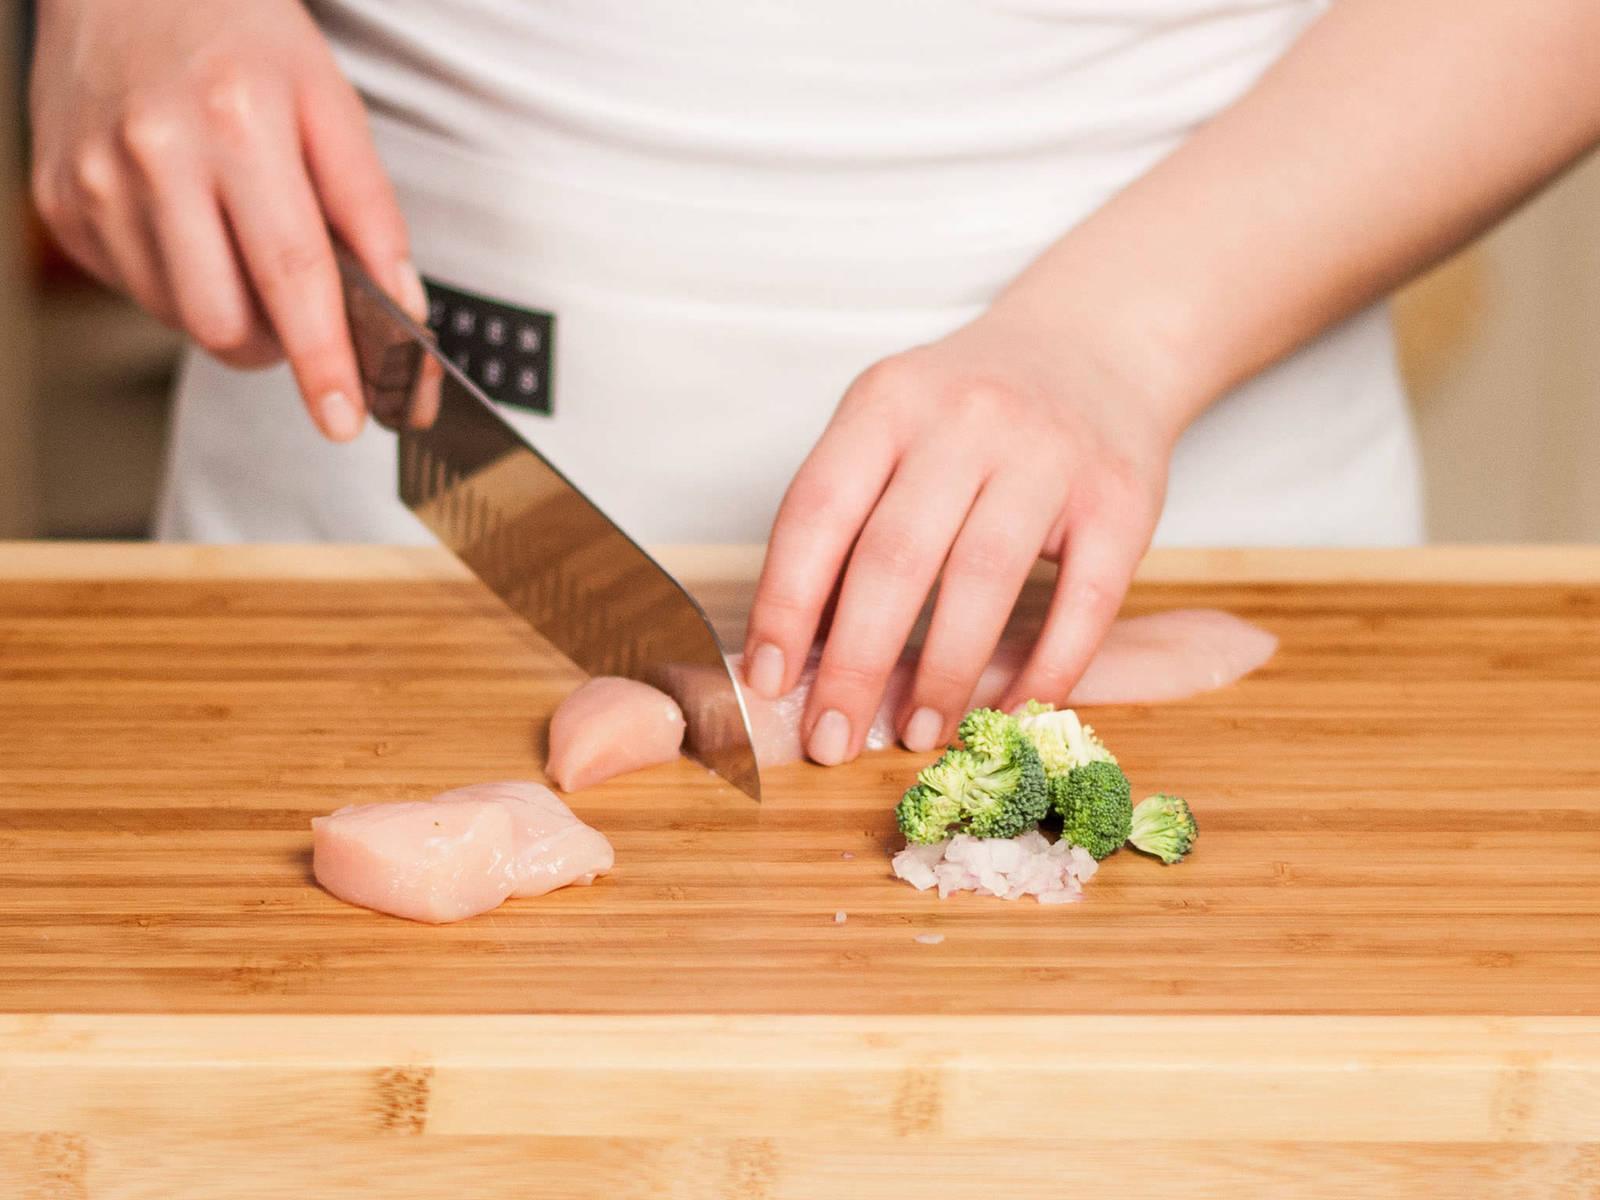 Zwiebel schälen und fein würfeln. Brokkoli in kleine Röschen teilen. Hähnchenbrust in ca. 2 cm große Würfel schneiden.